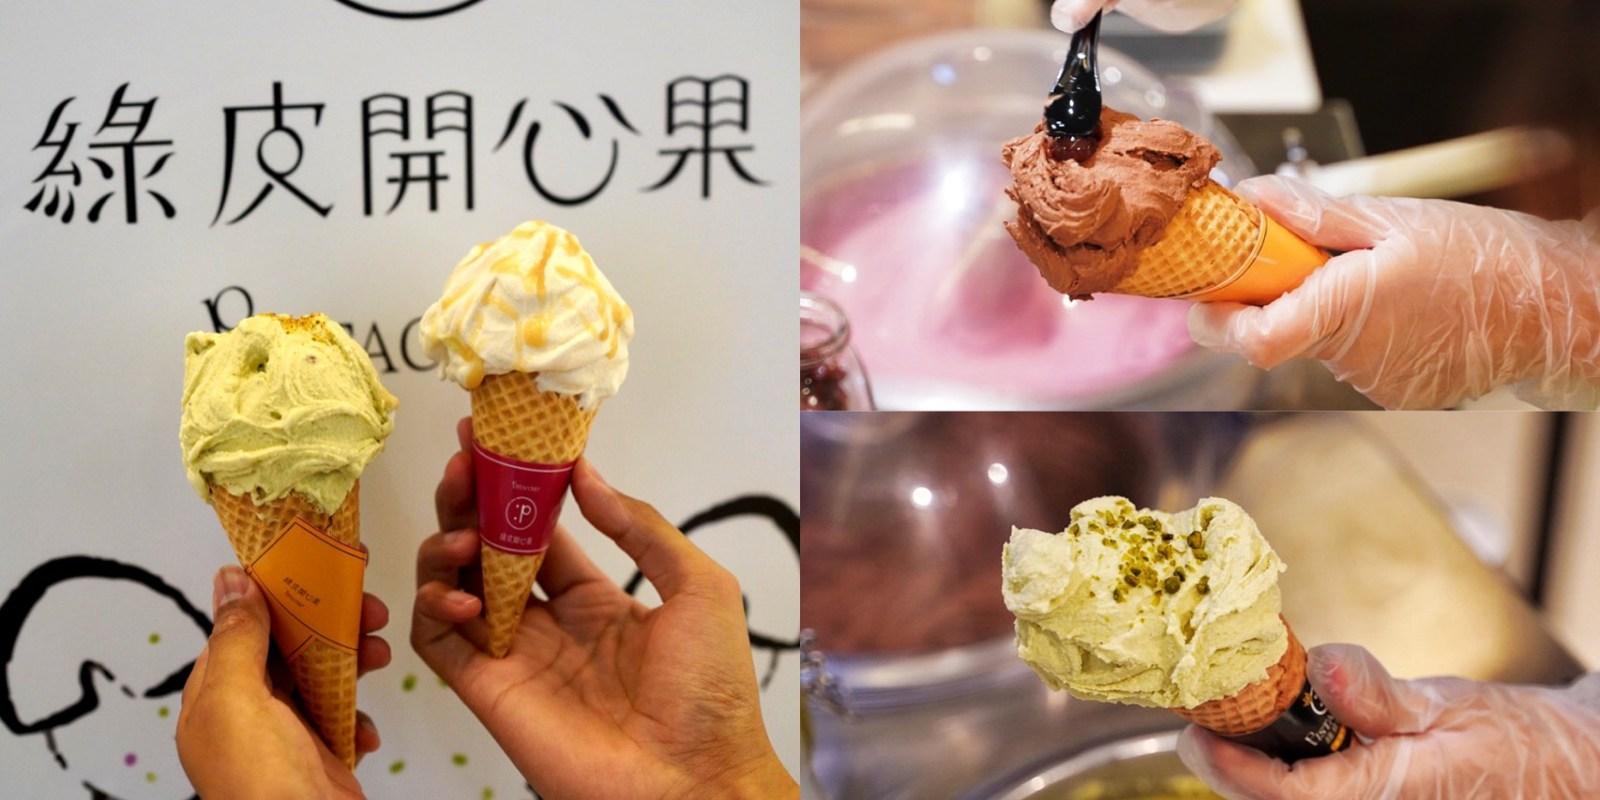 台南知名的『綠皮開心果』來北部快閃啦!新竹巨城、台北信義新天地、忠孝SOGO,超過20種口味選擇,絕對讓你一吃就愛上!